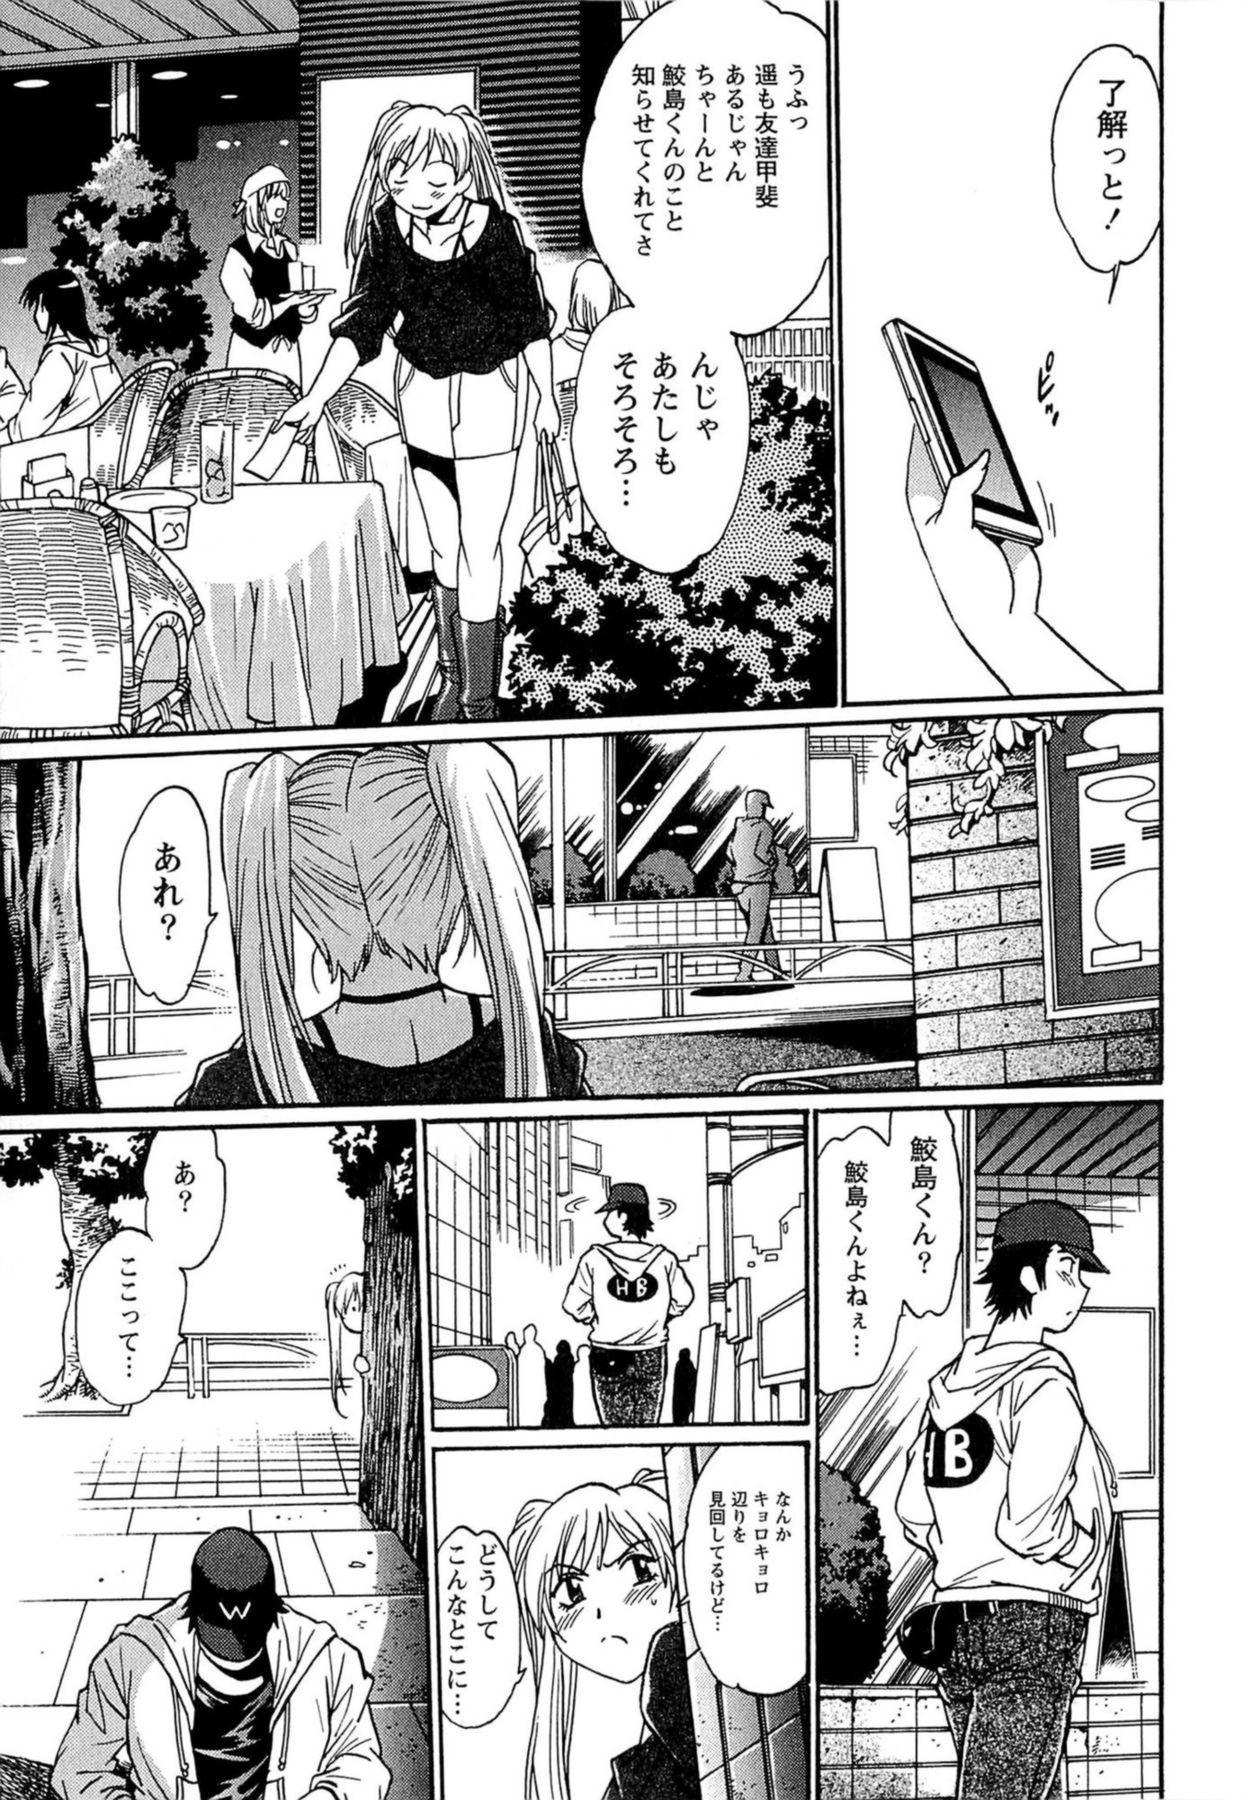 Kuikomi wo Naoshiteru Hima wa Nai! Vol. 1 113